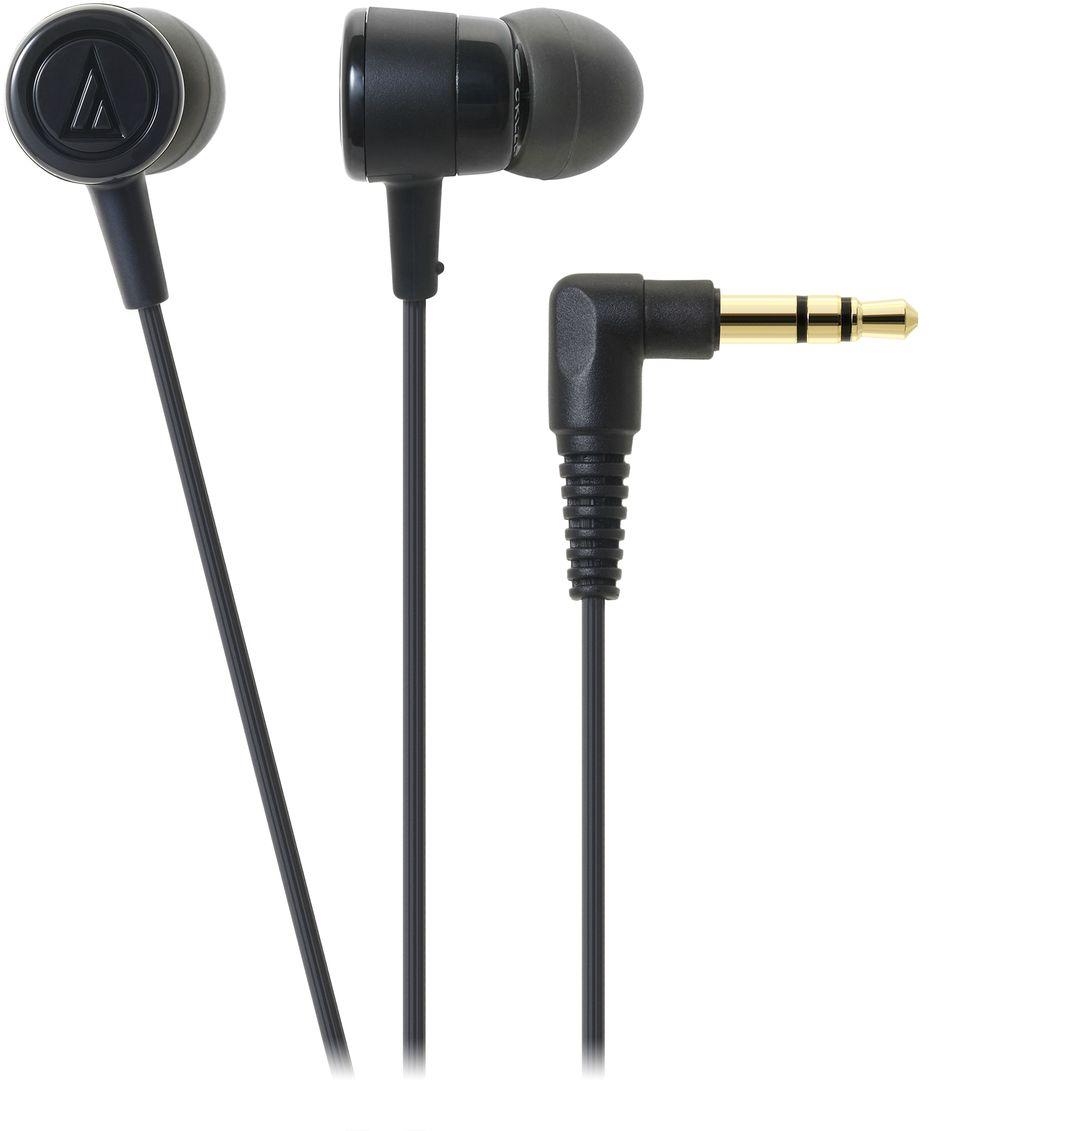 Audio-Technica ATH-CKL220, Black наушники15118395Вставные наушники Audio-Technica ATH-CKL220 являются обновлённой версией модели ATH-CKL202. Это универсальные вставки с пассивной шумоизоляцией, предназначенные для каждодневного использования как с портативной техникой, так и другими устройствами. Драйверы диаметром 8,5 мм обеспечивают качественный звук для всех музыкальных жанров. Эргономичный дизайн вставных амбушюров гарантирует комфортную посадку. Данная модель также имеет кабель с защитой от спутывания, экранировкой от шумов и механически изменяемой длиной натяжения.